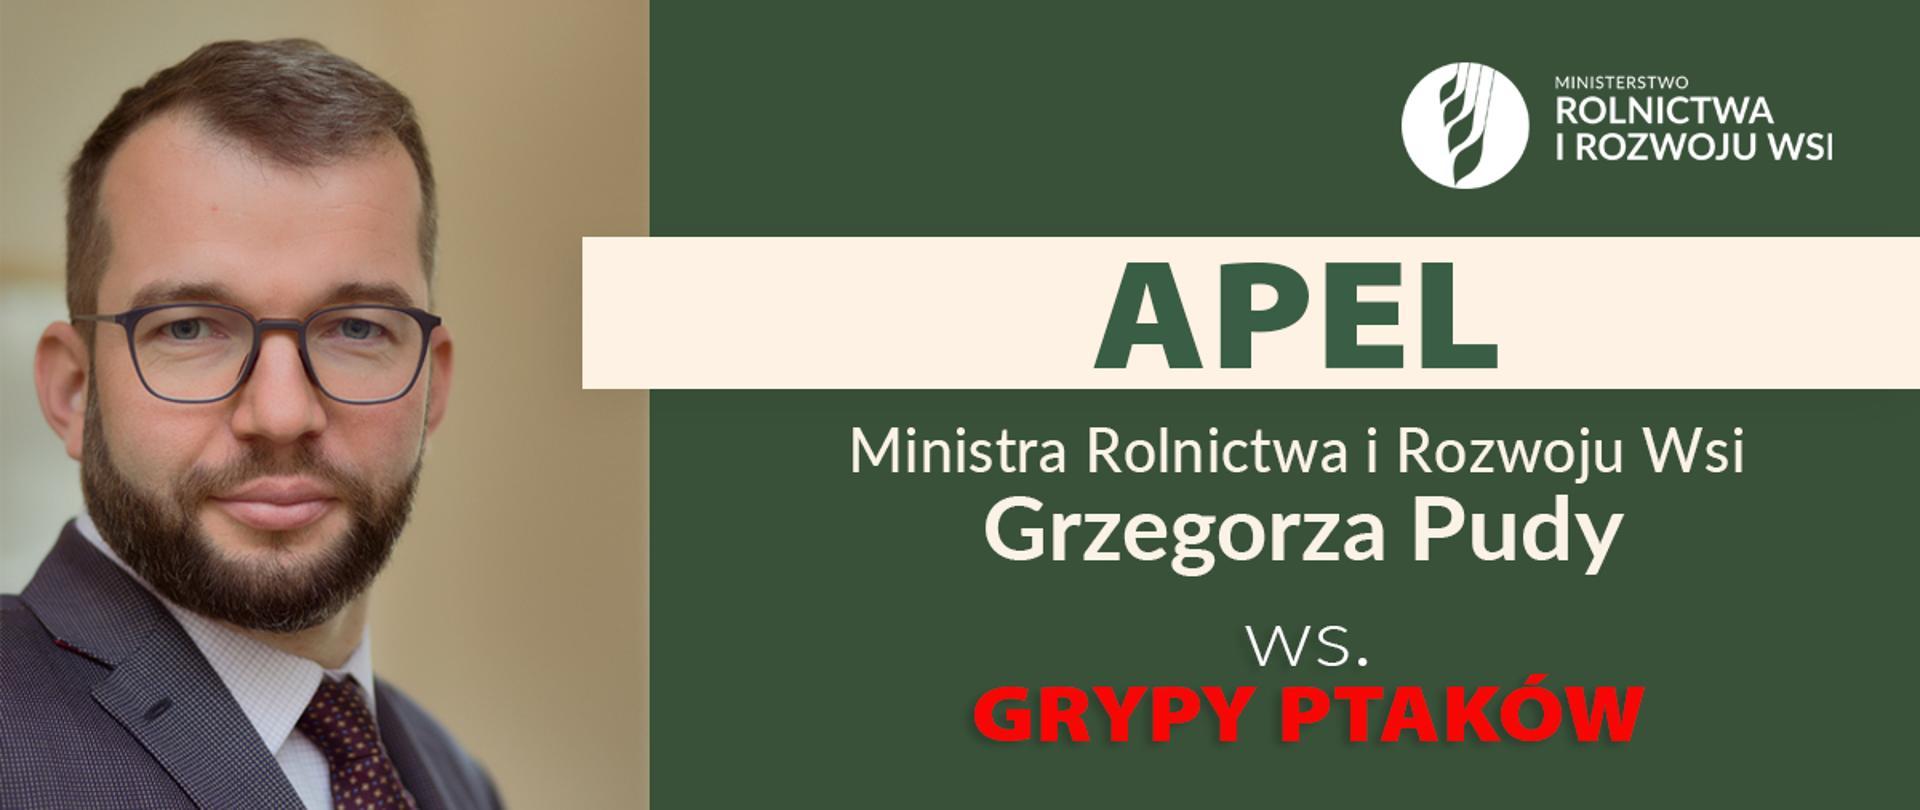 Apel Ministra Rolnictwa i Rozwoju Wsi